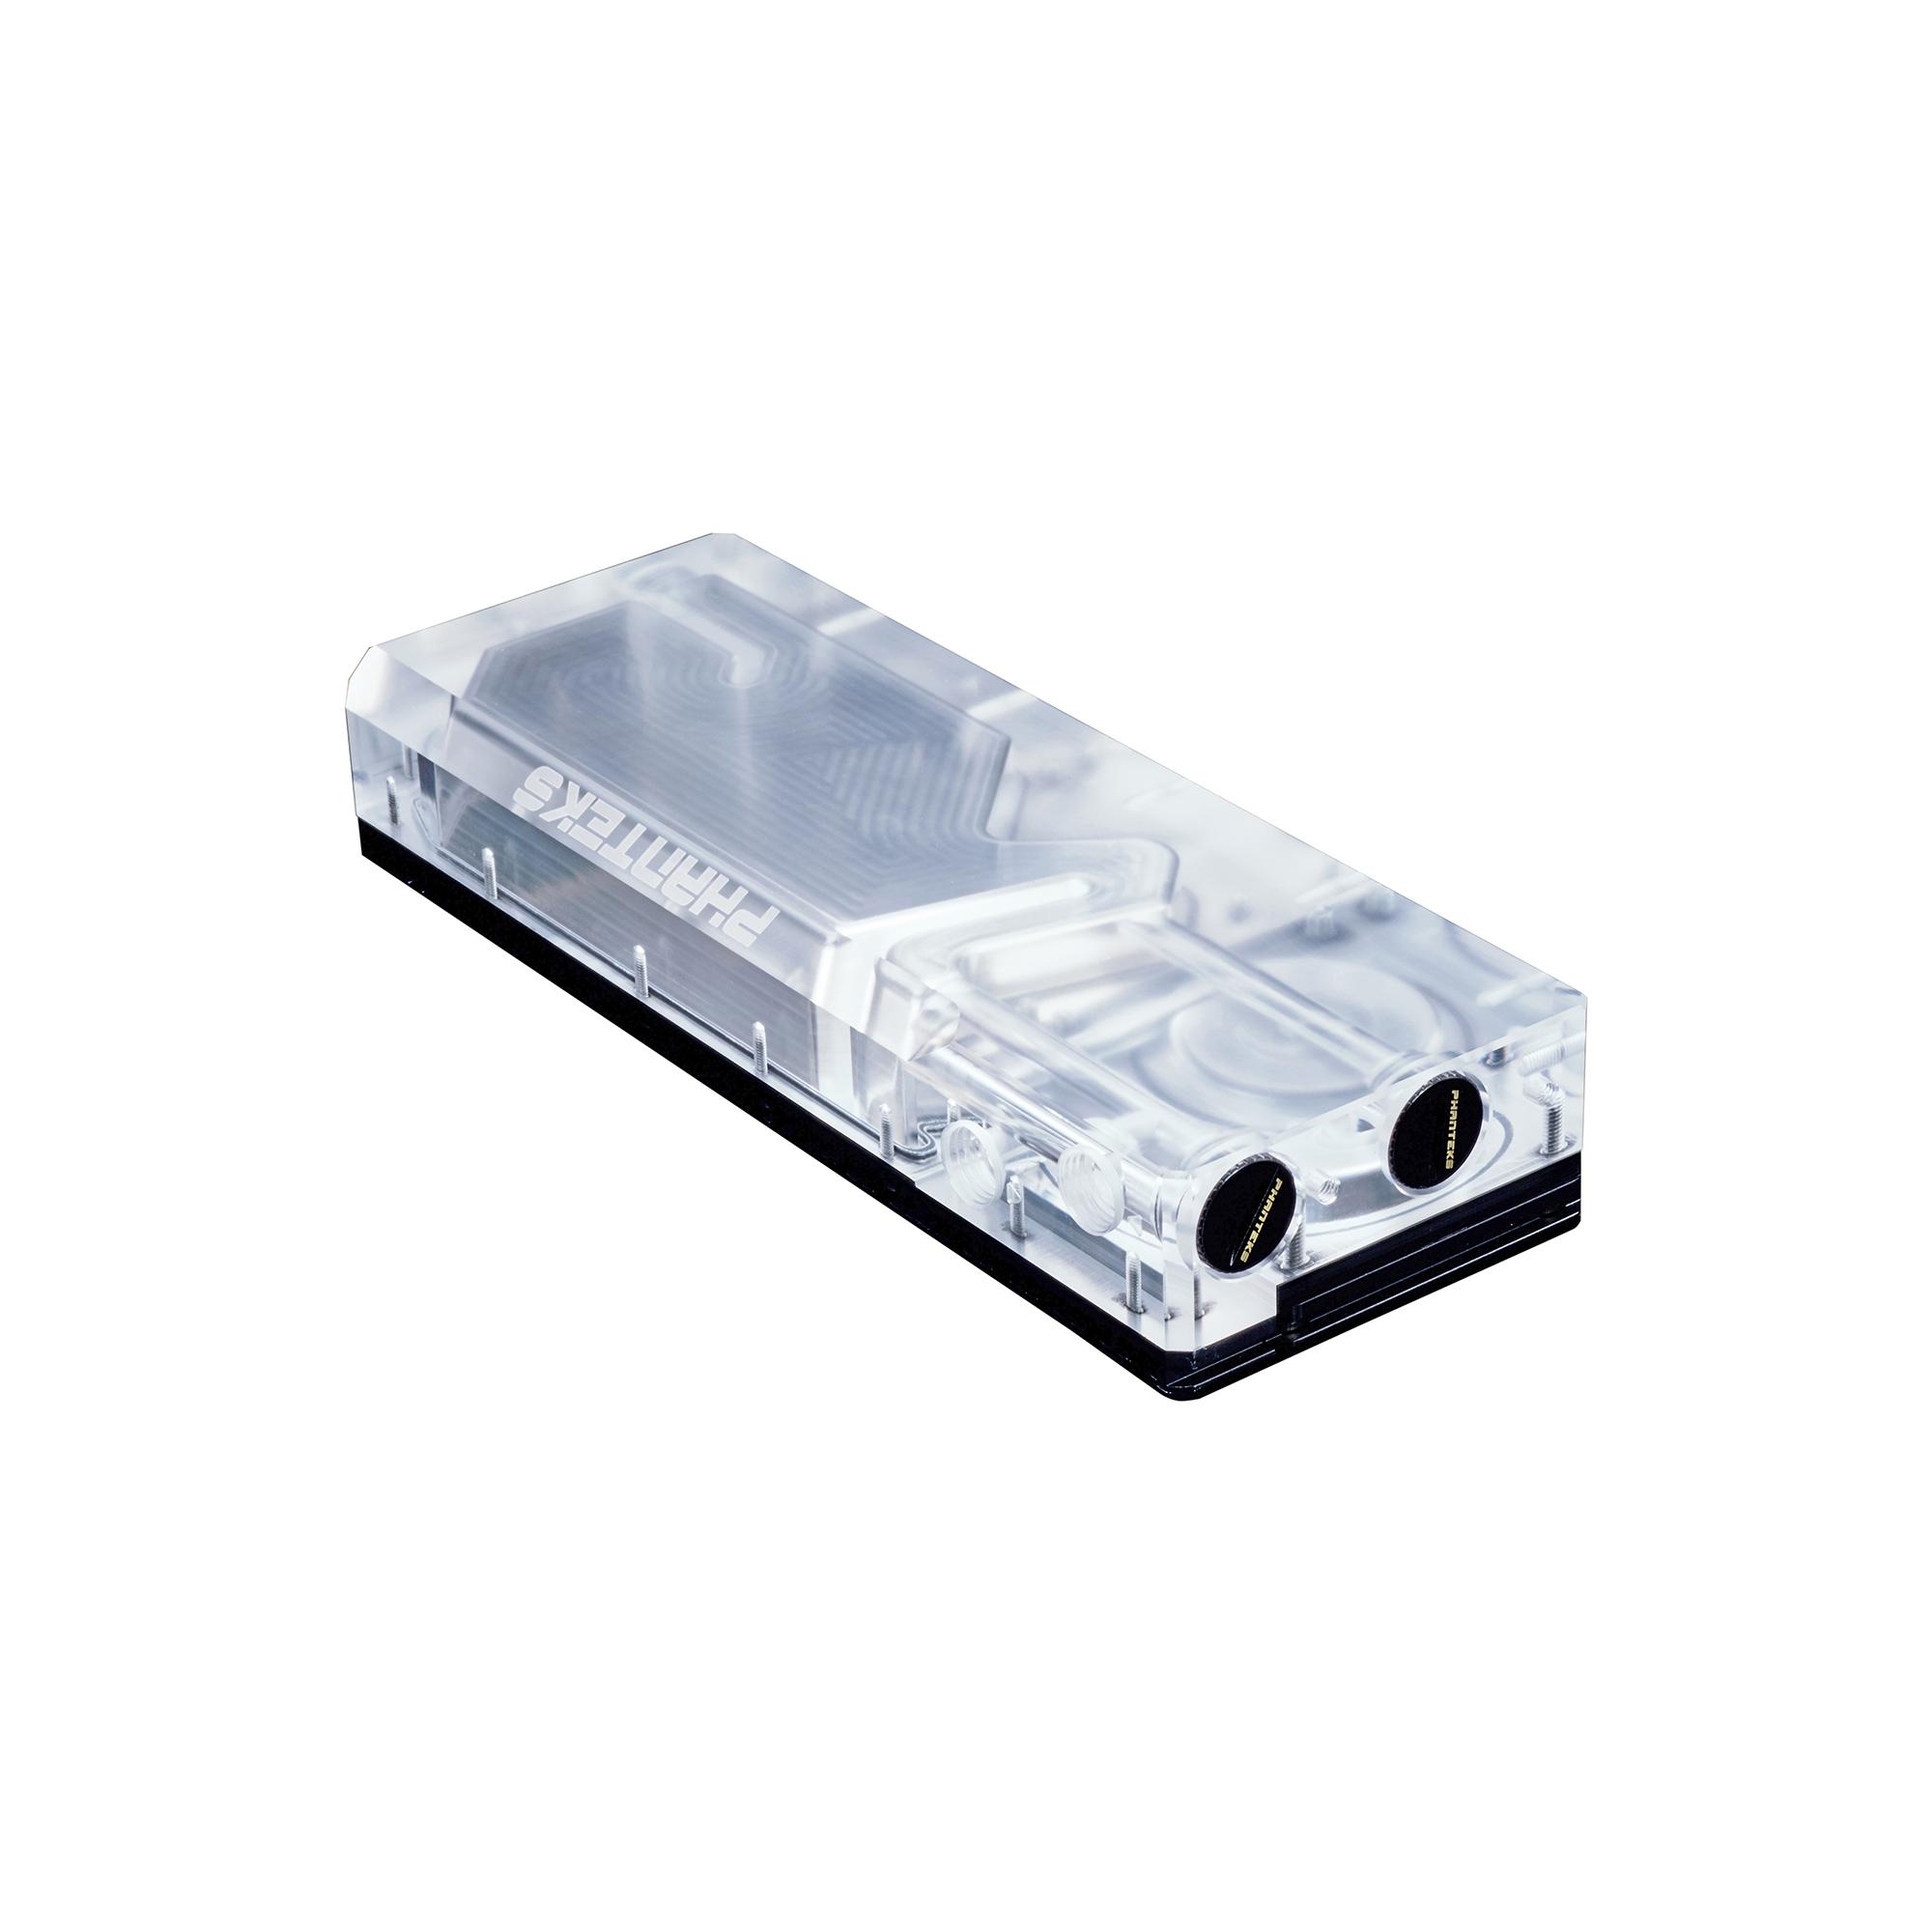 Phanteks GLACIER R220 (PH-R220_BK01) ポンプ別売り